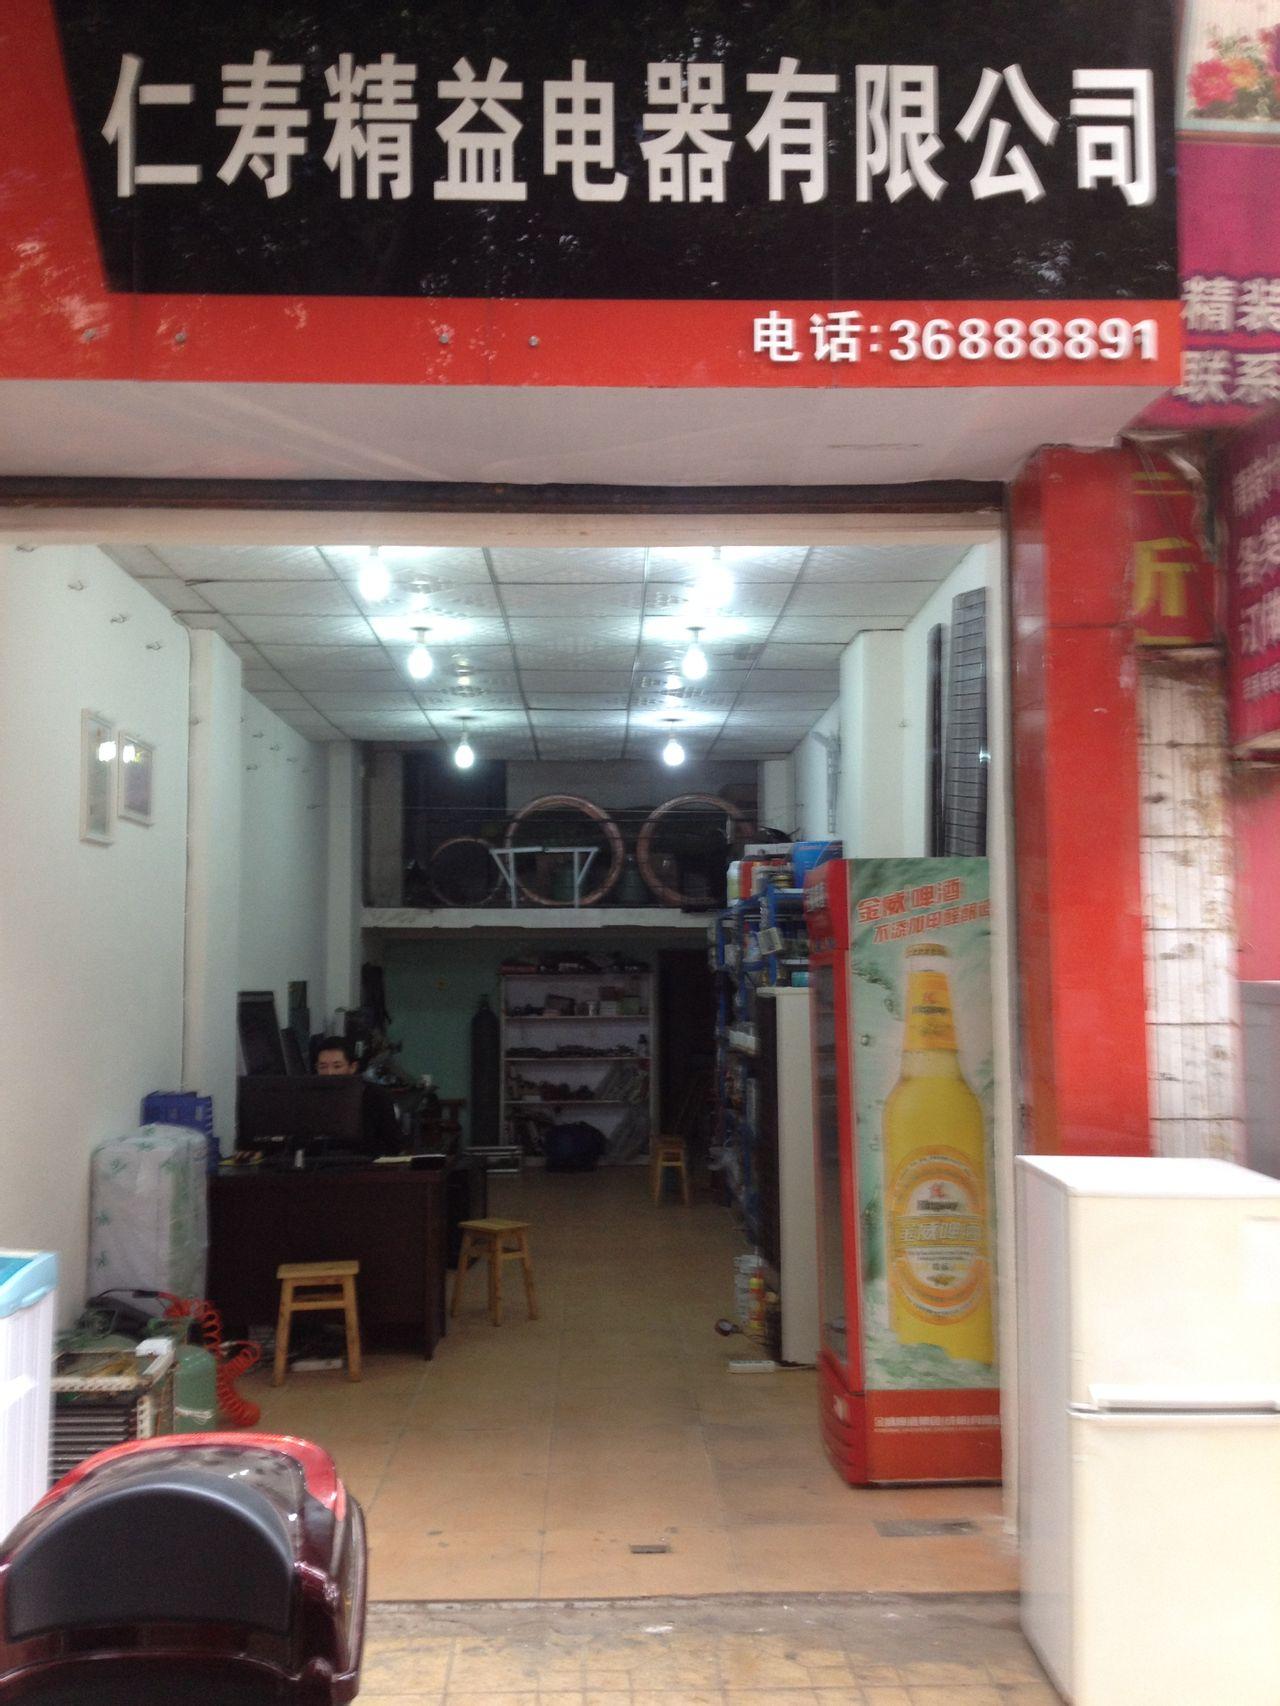 四川省眉山市仁寿县大队街631号刑侦故事斜对面书院道具情趣图片